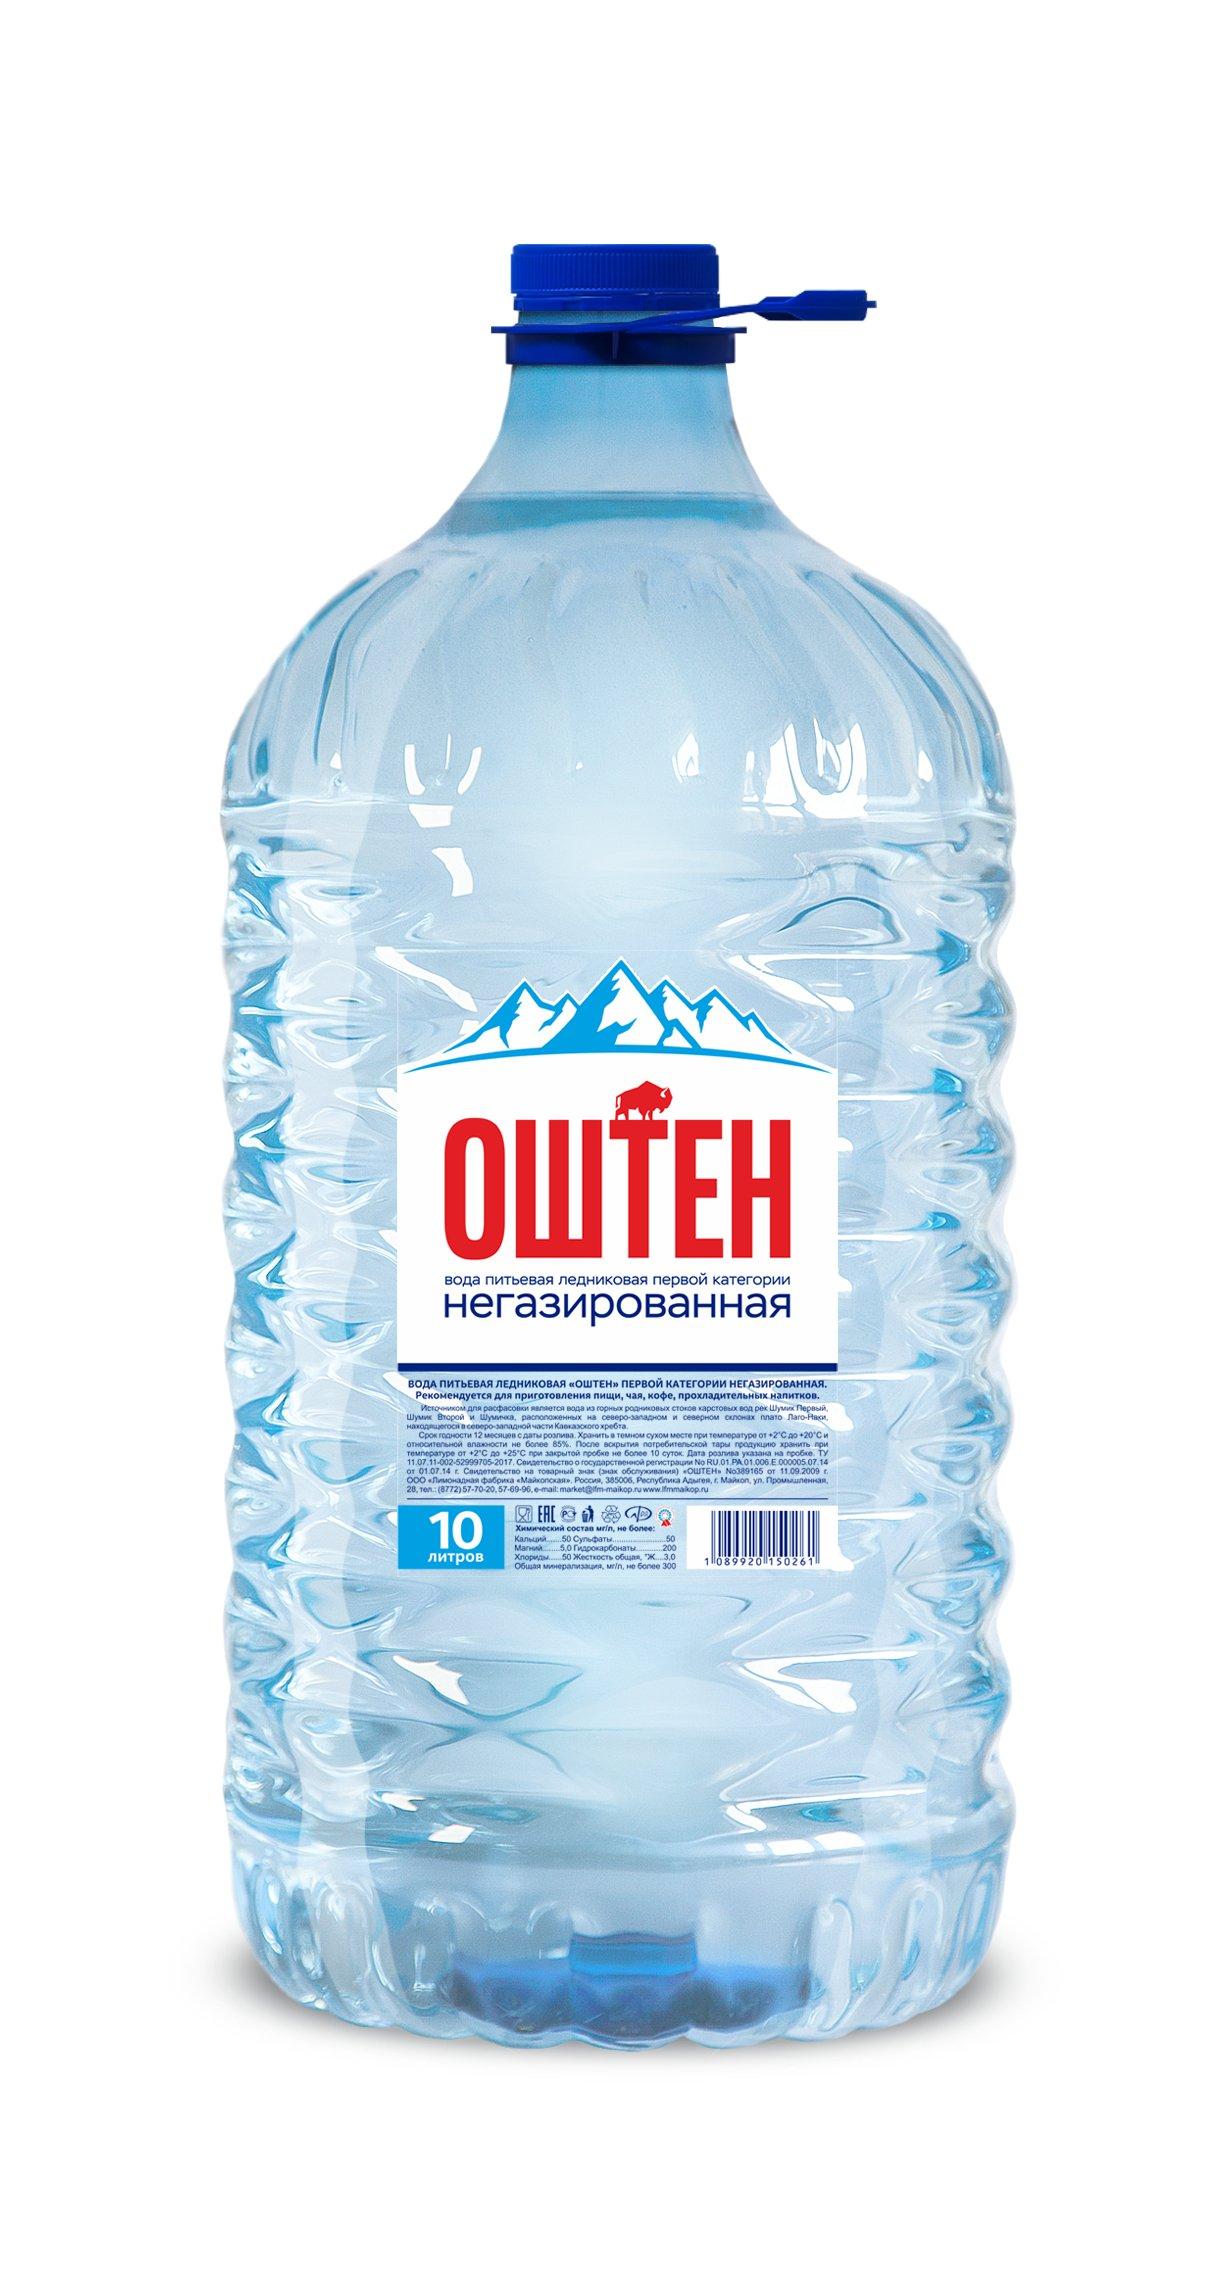 Вода негазированная «Оштен» 10 л.